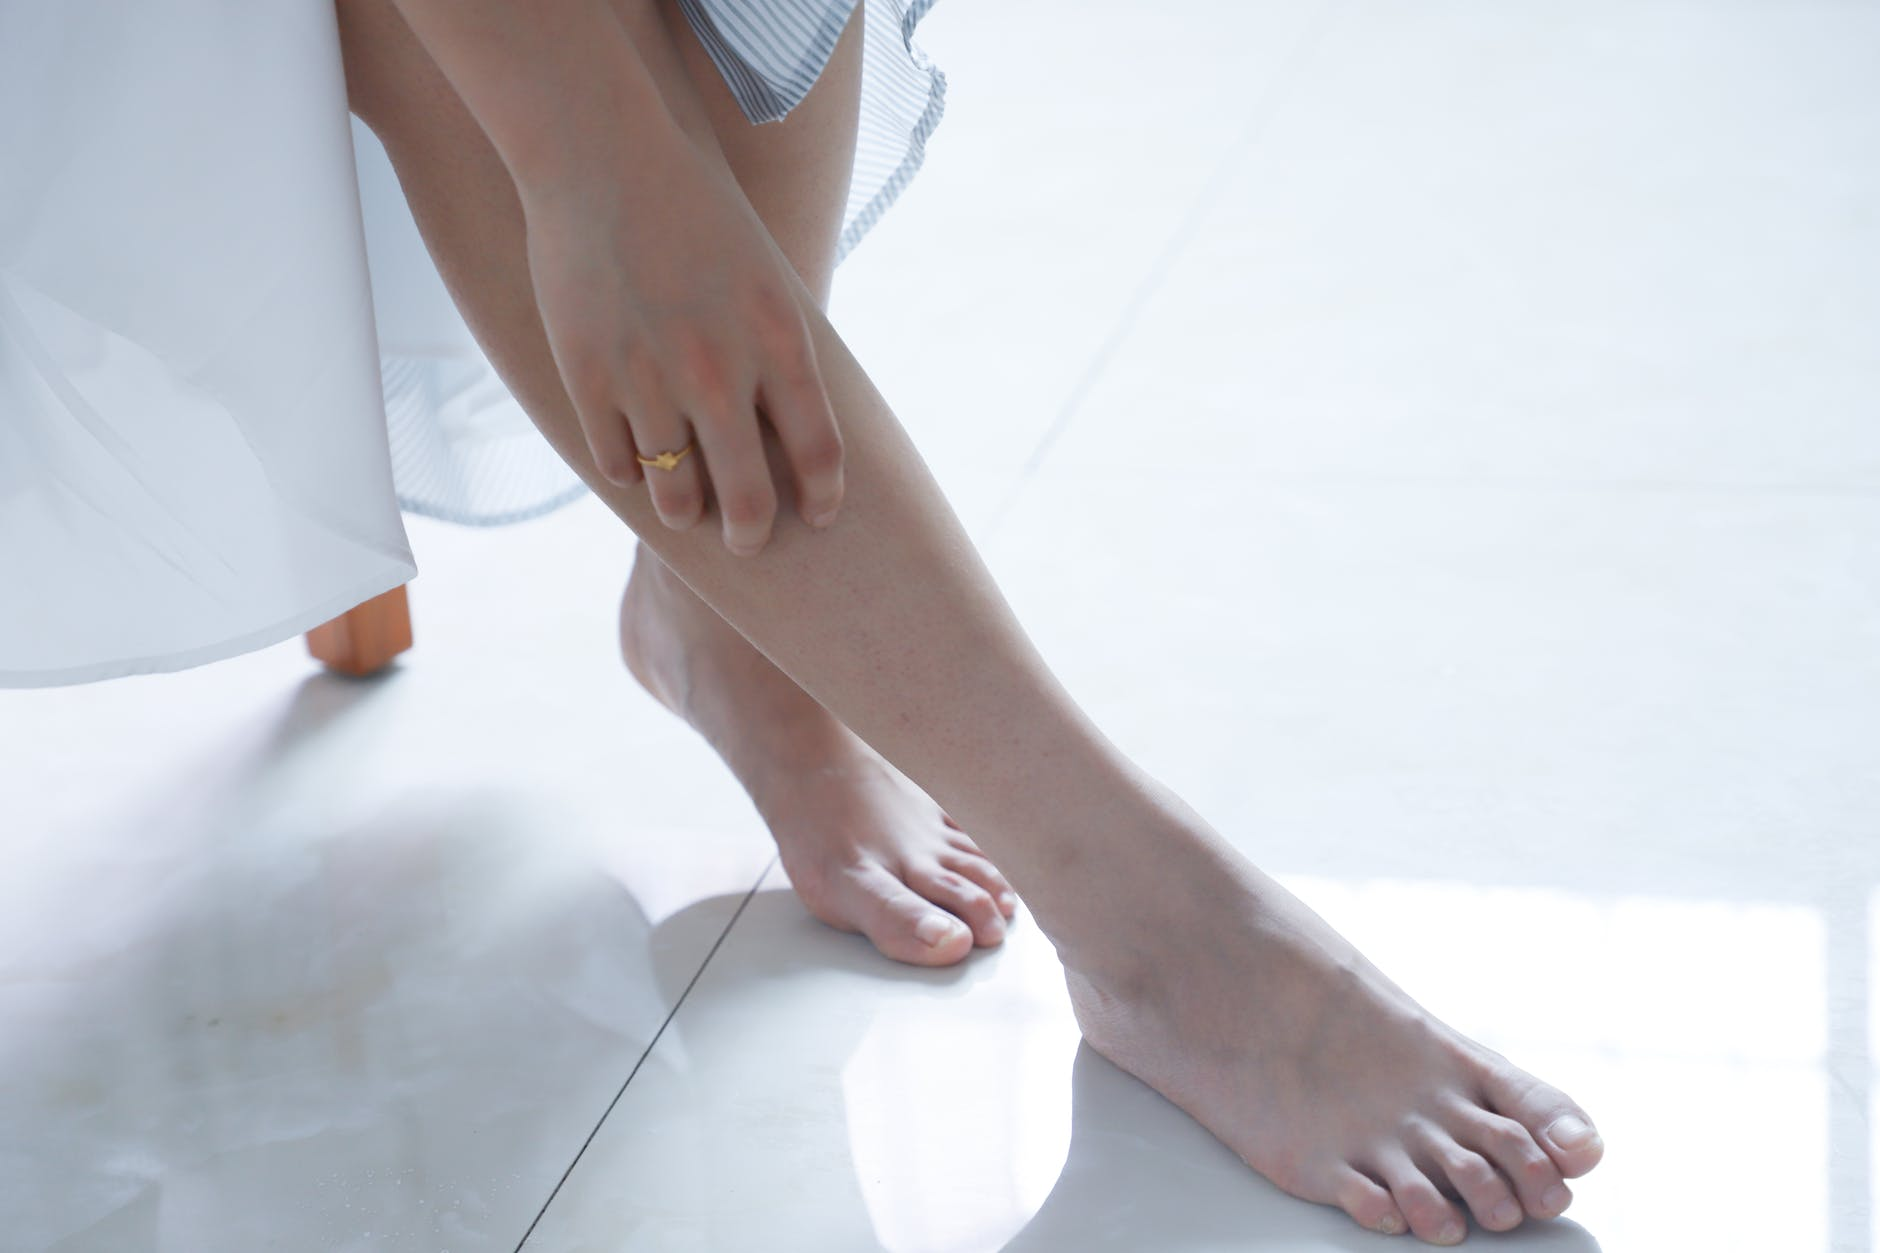 TN beauté : Dites stop aux pieds secs et abîmés !